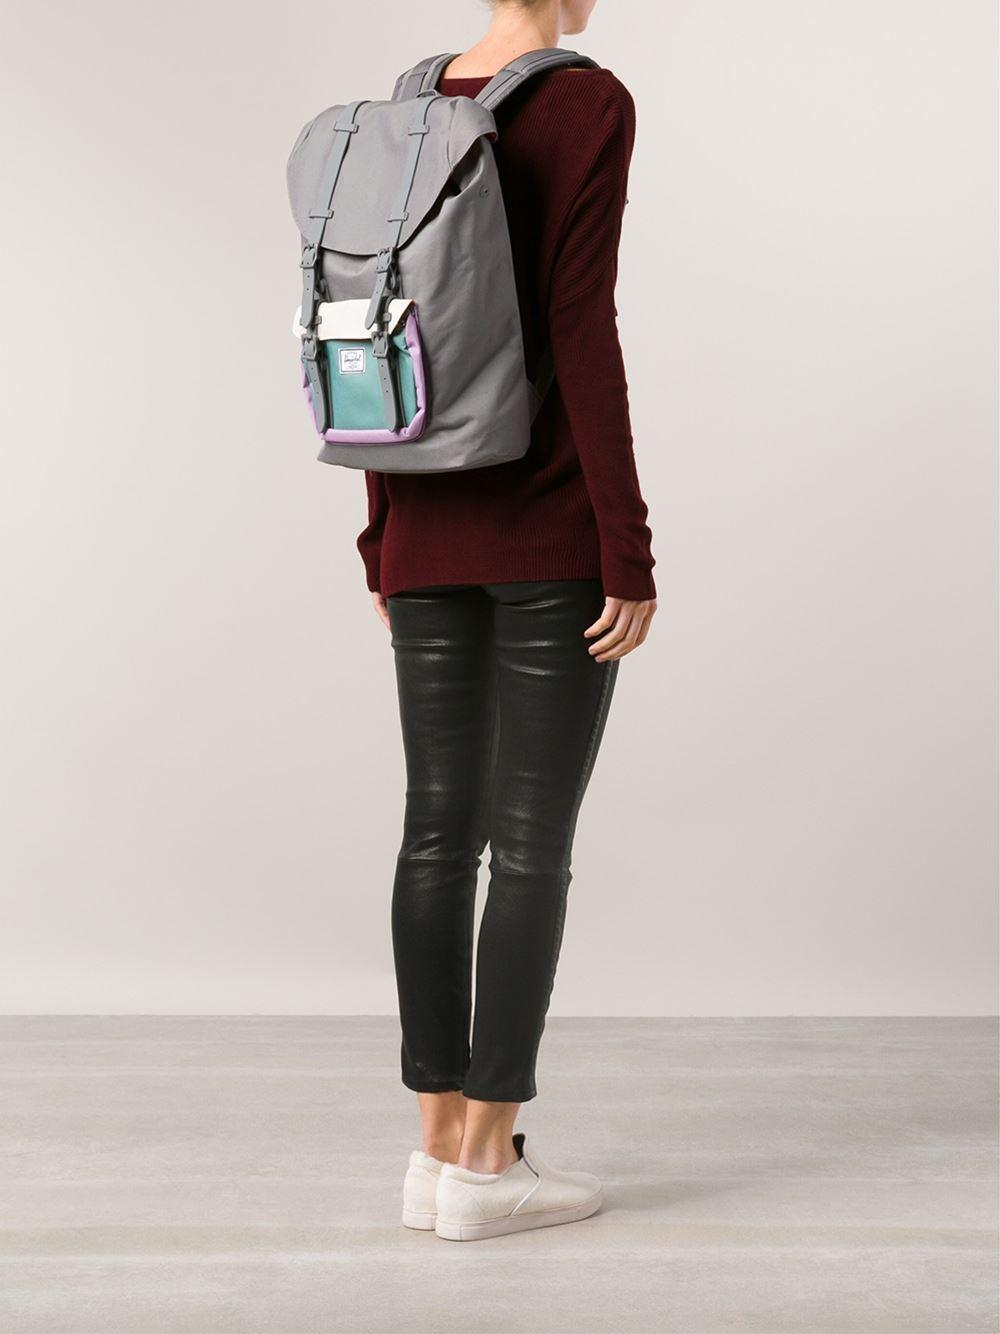 Lyst - Herschel Supply Co. Little America Midvolume Backpack in Gray ... 3924012fe6a